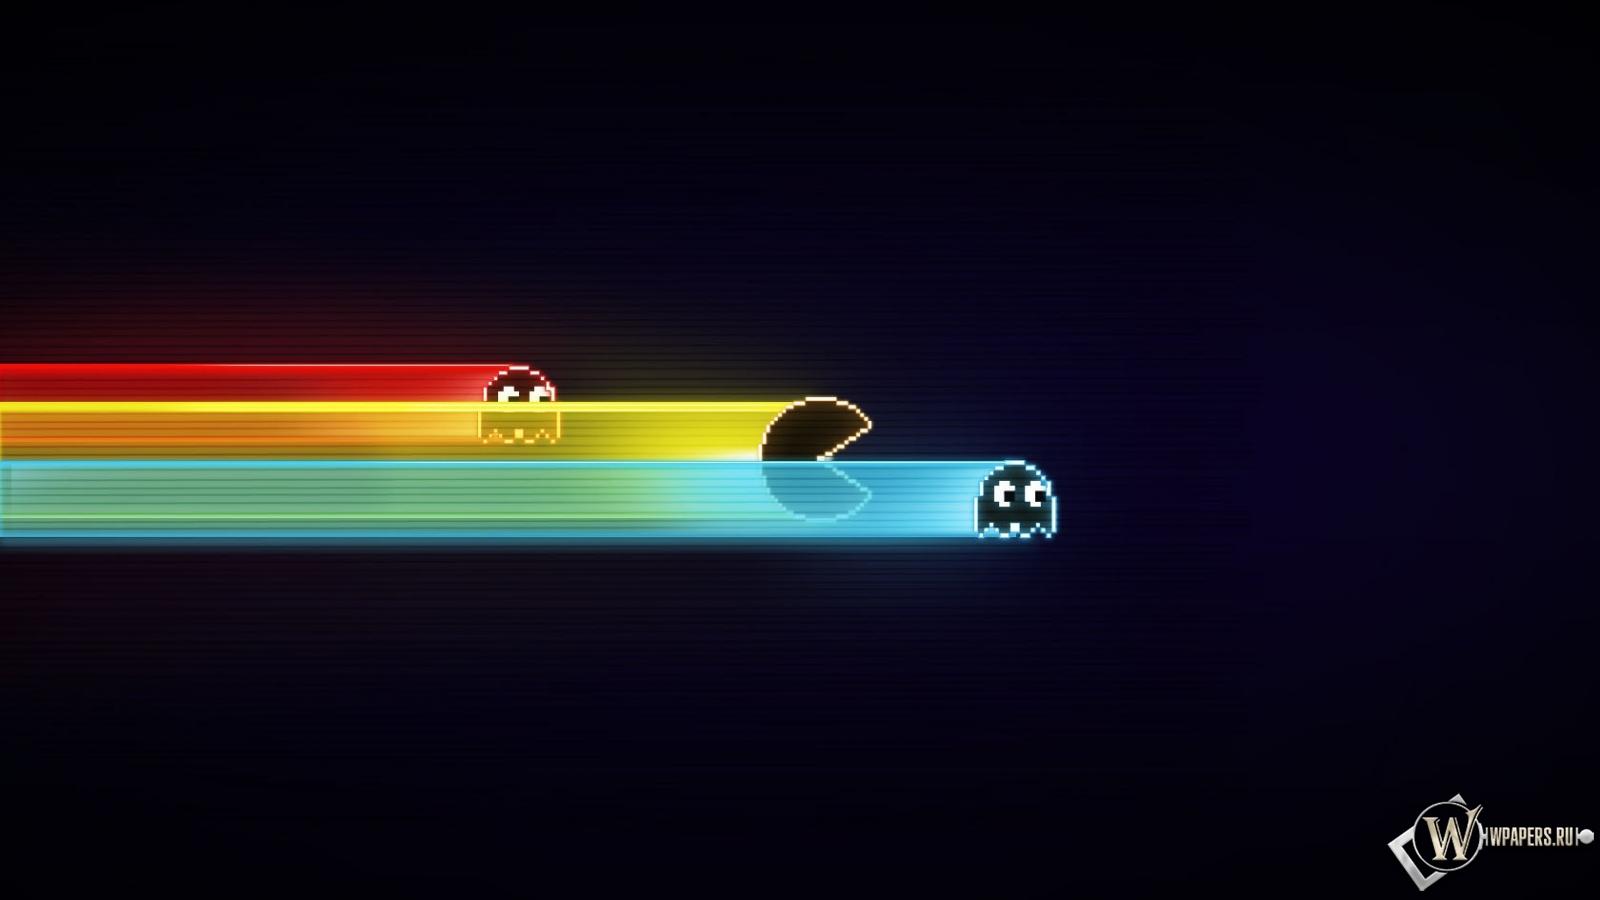 Скачать обои Pacman (Минимализм, Цвет, Полосы, Pac-Man ...